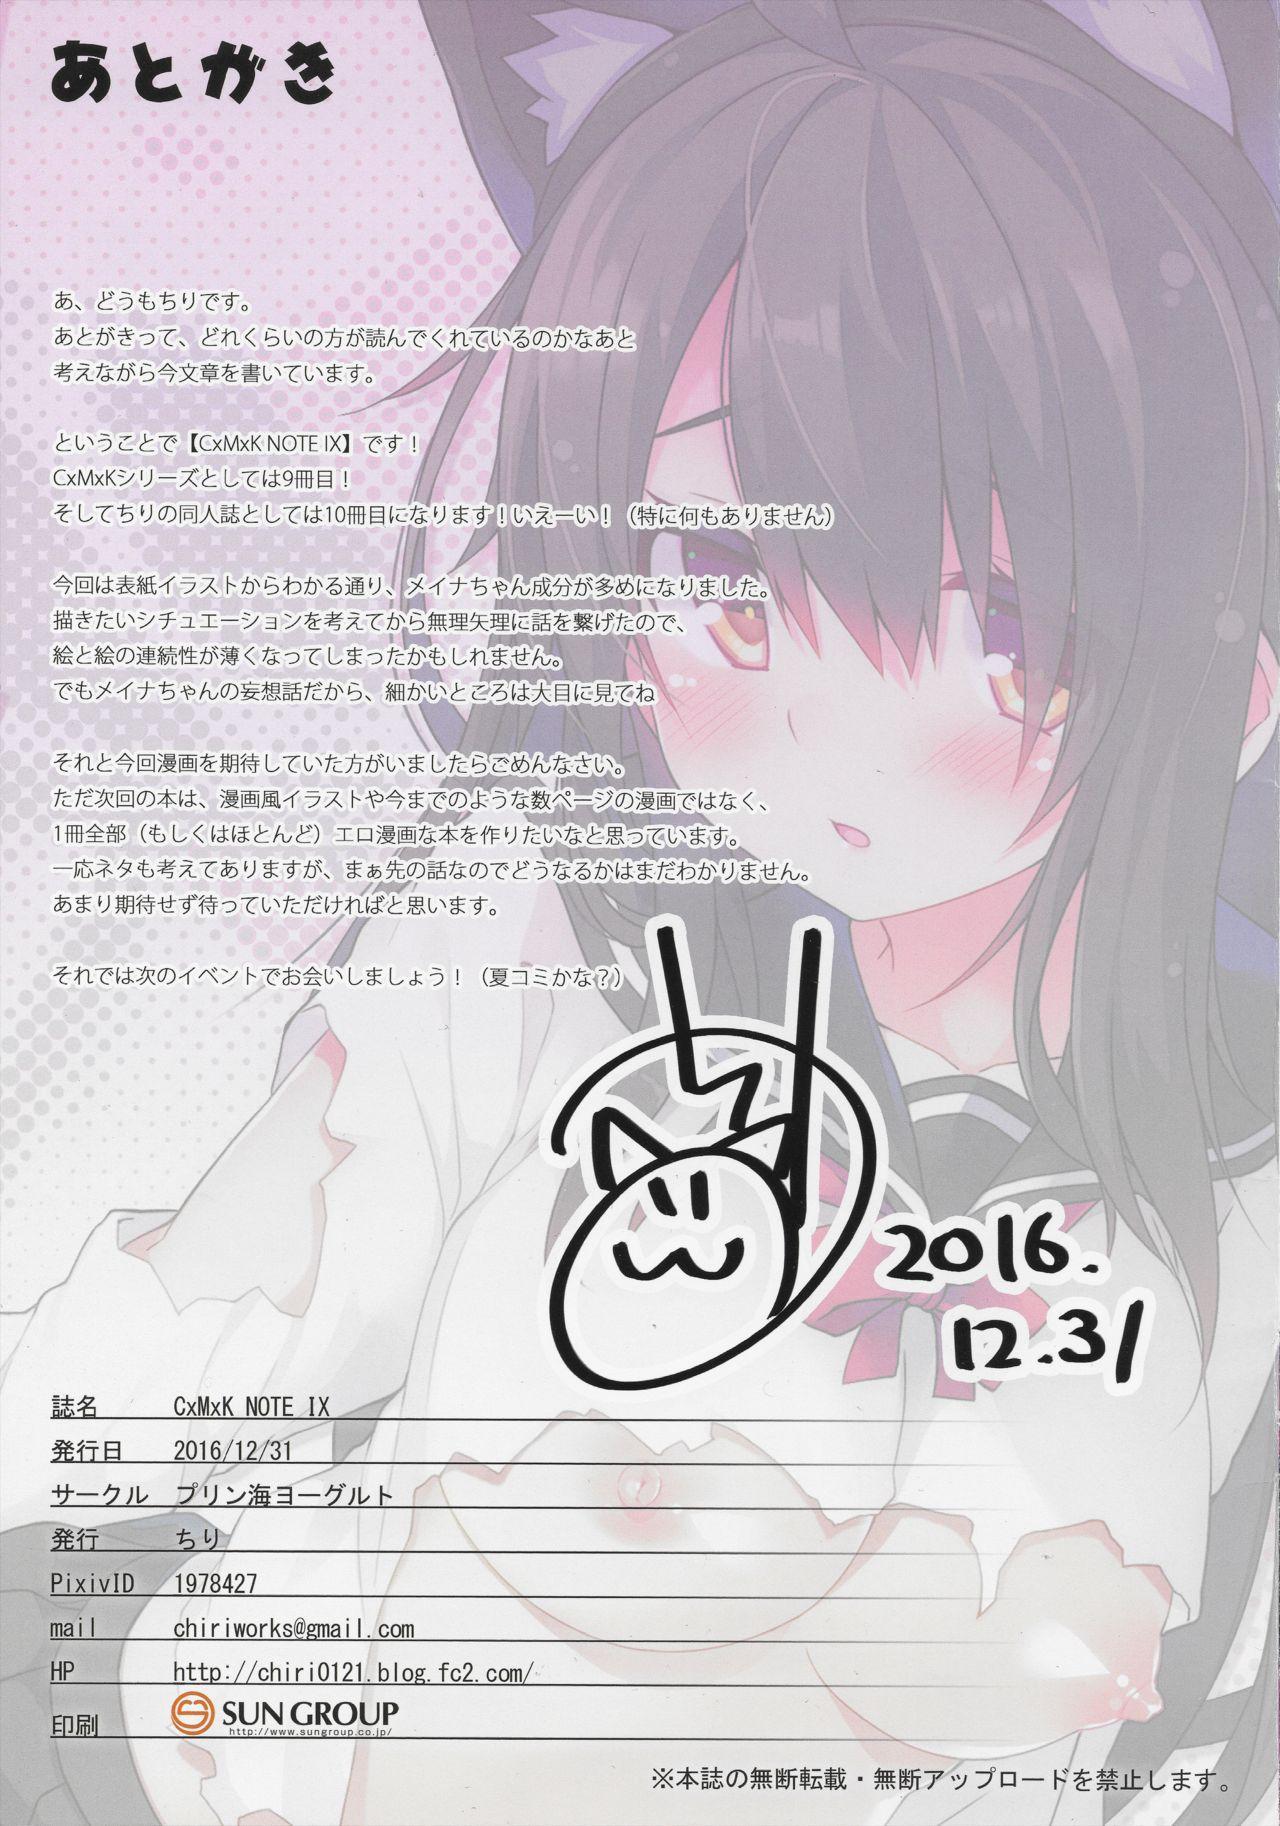 CxMxK Note IX 14